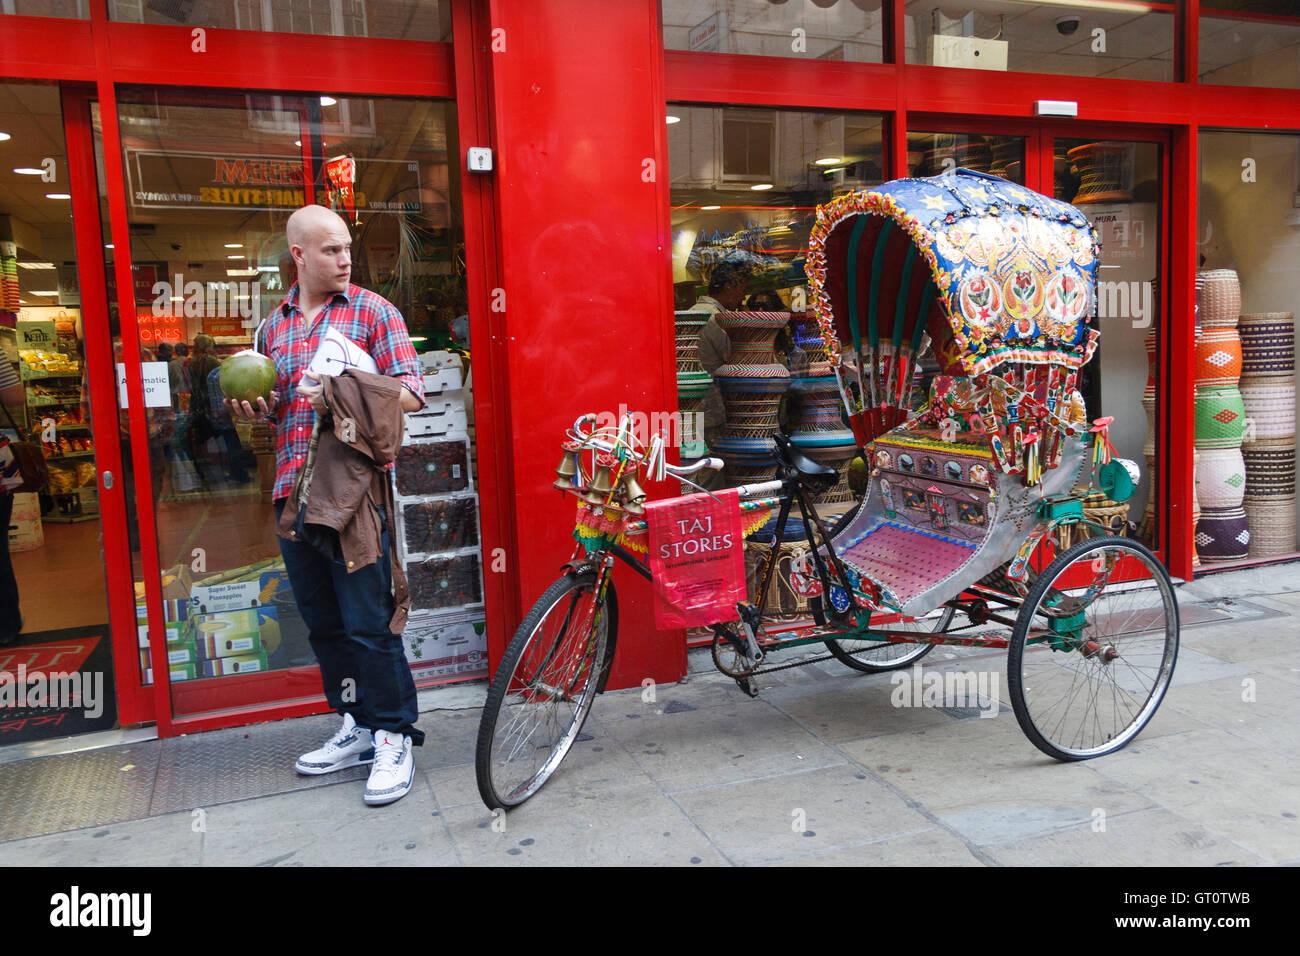 Uomo in piedi accanto al colorato di risciò bengalese, Brick Lane, Londra, Regno Unito. Foto Stock